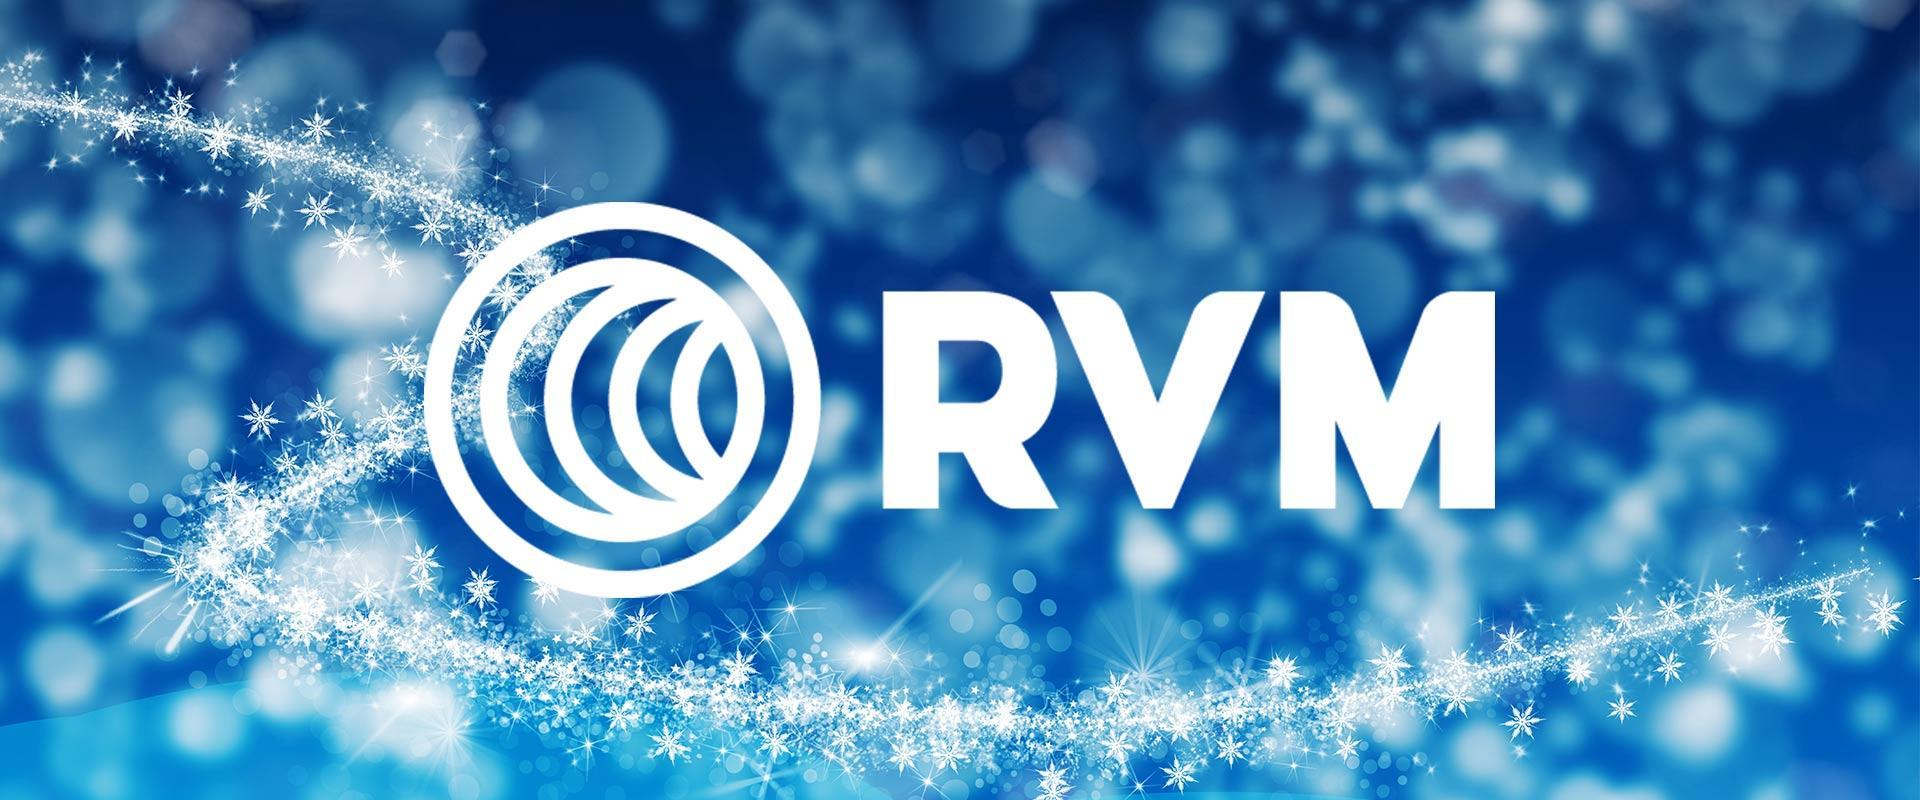 RVM Systems toivottaa rauhallista joulua ja iloista uutta vuotta